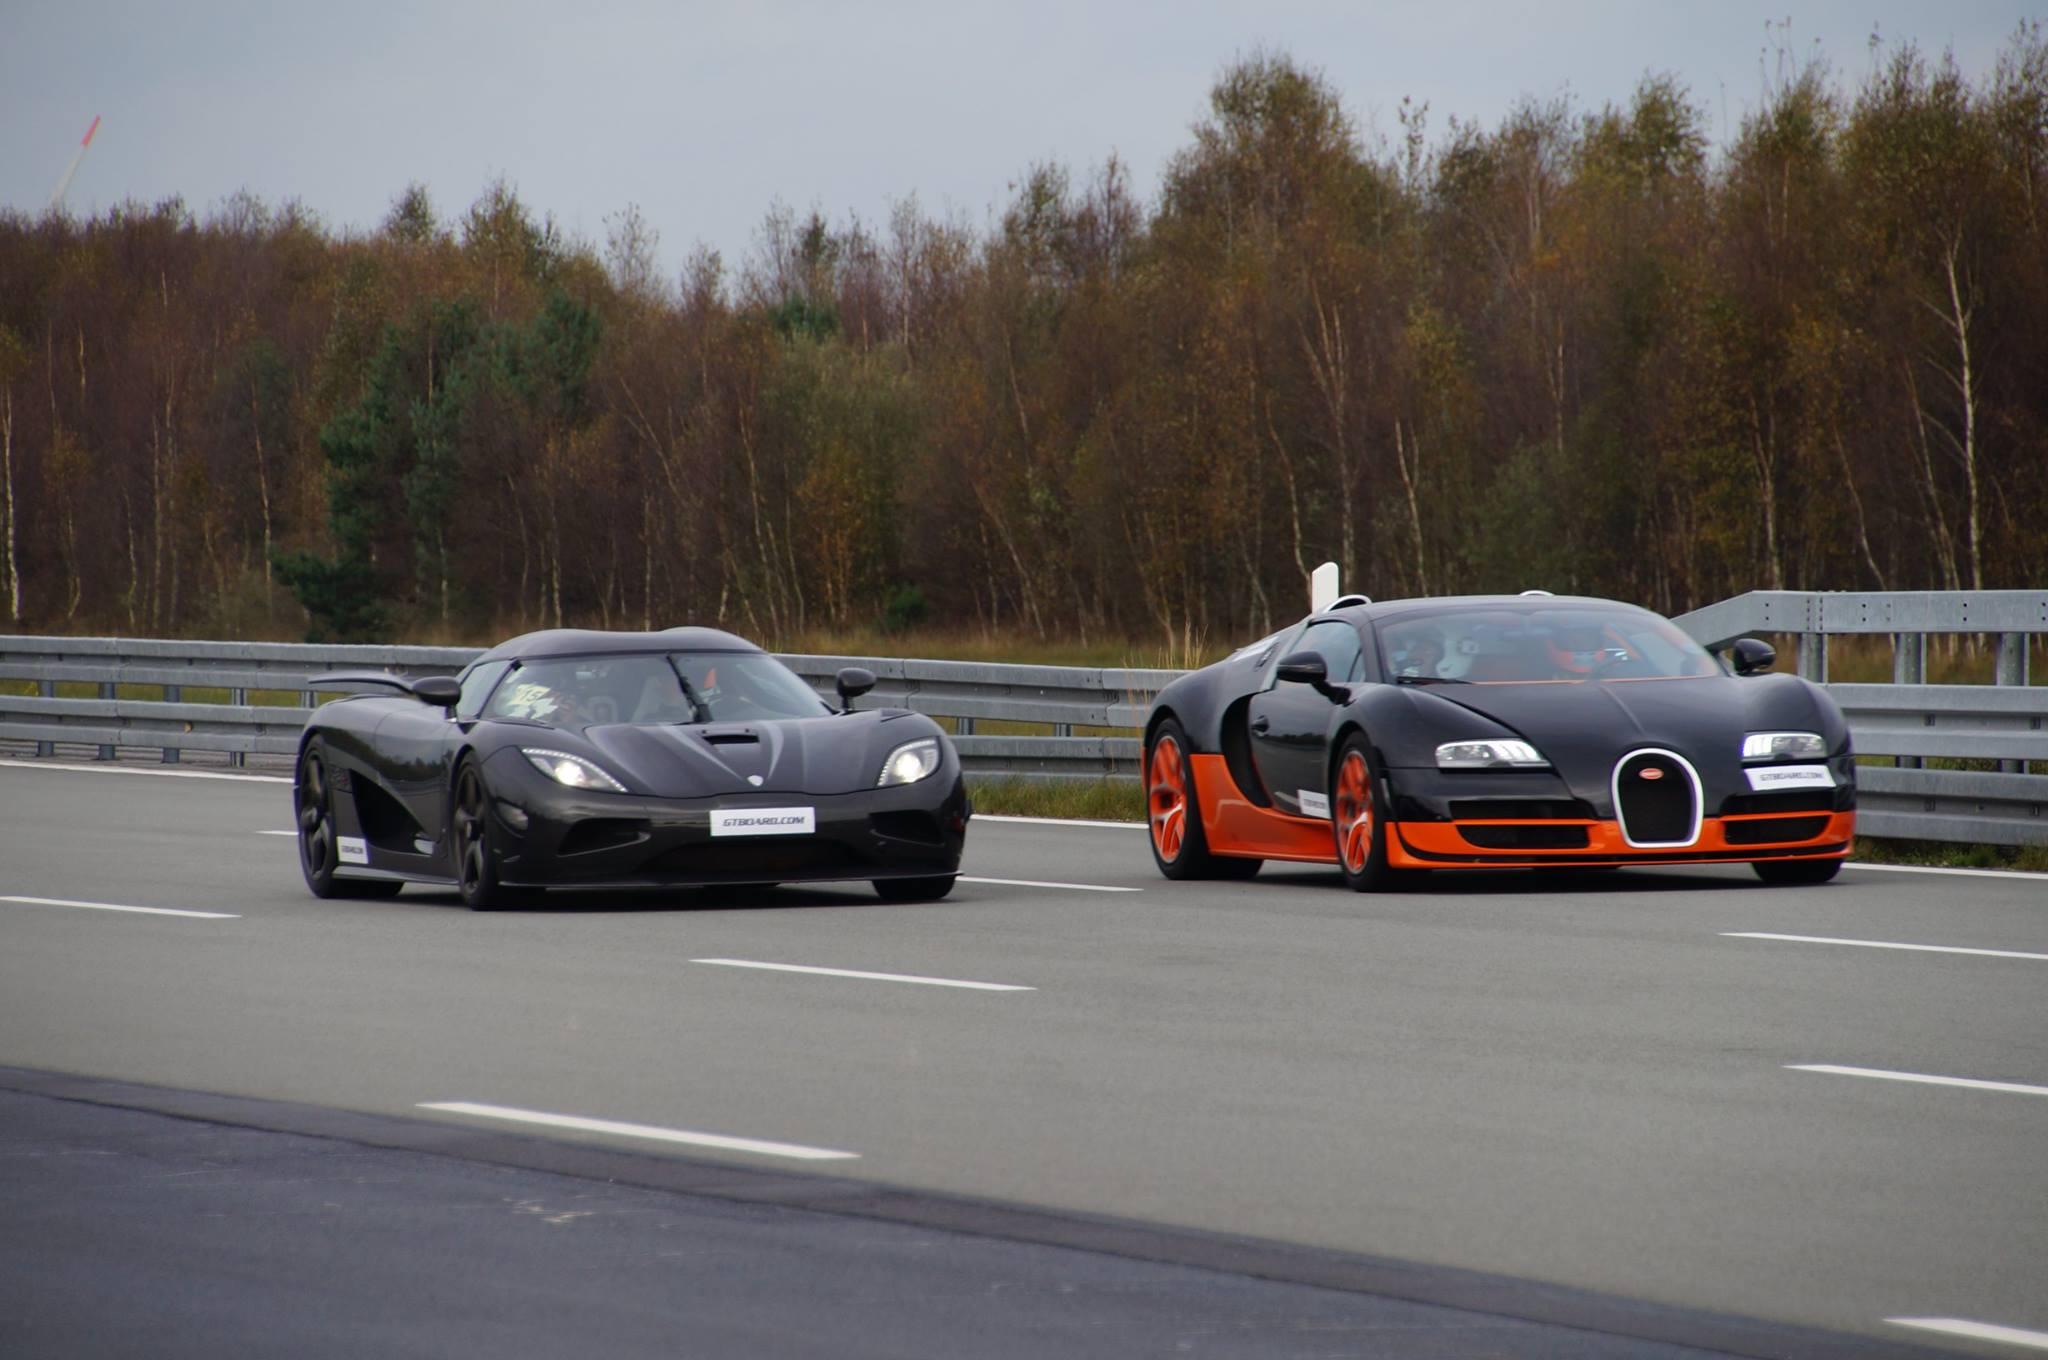 11001675_10152832816273495_5162008601735053143_o Inspiring Bugatti Veyron Vs Lamborghini Gallardo Cars Trend